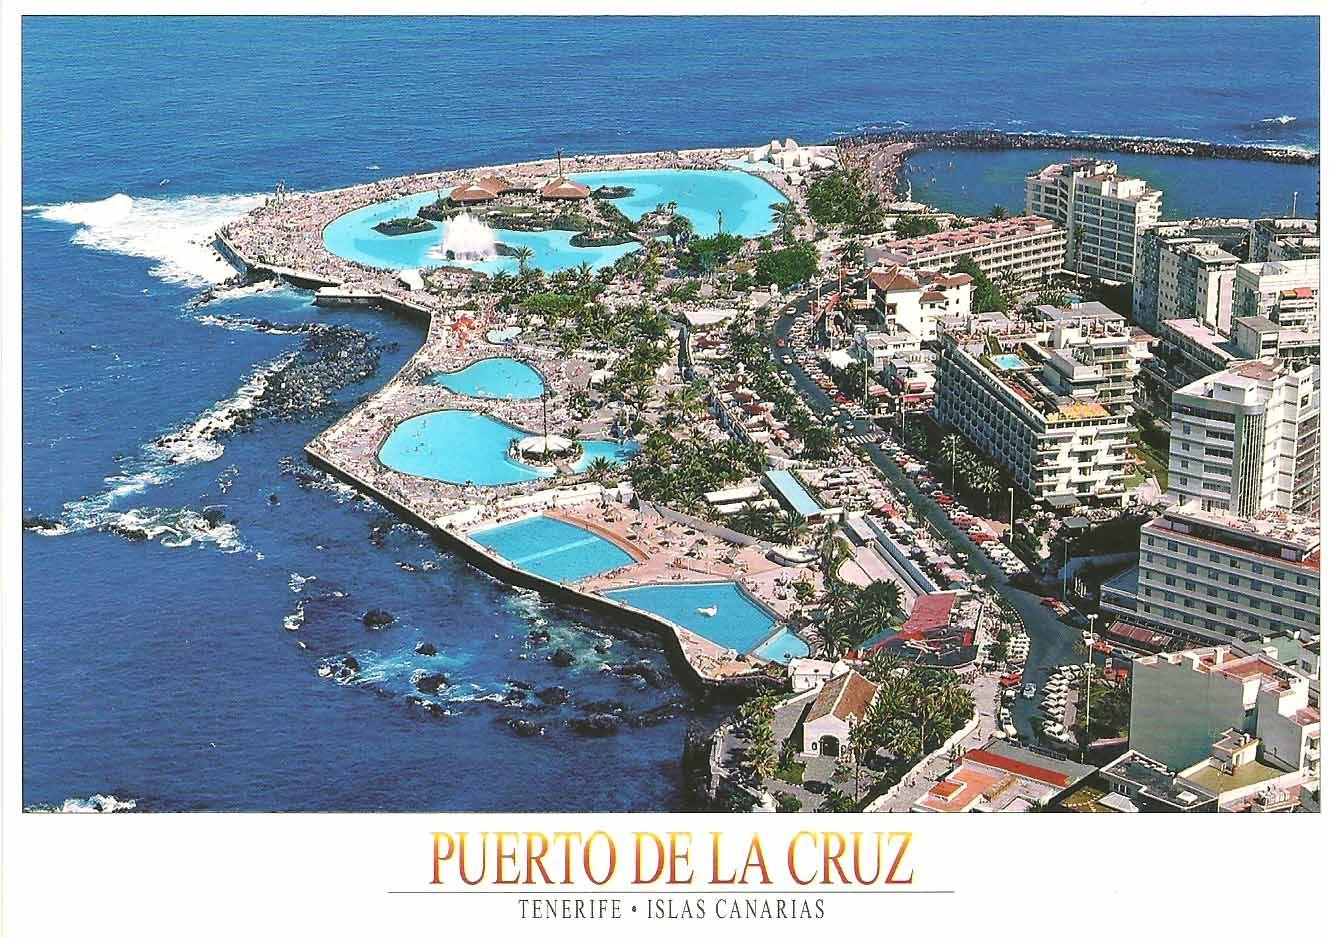 puerto de la cruz jewish singles Puerto de la cruz è una delle località più rinomate del nord di tenerife che vanta una delle più incantevoli spiagge dell'isola, playa jardín.